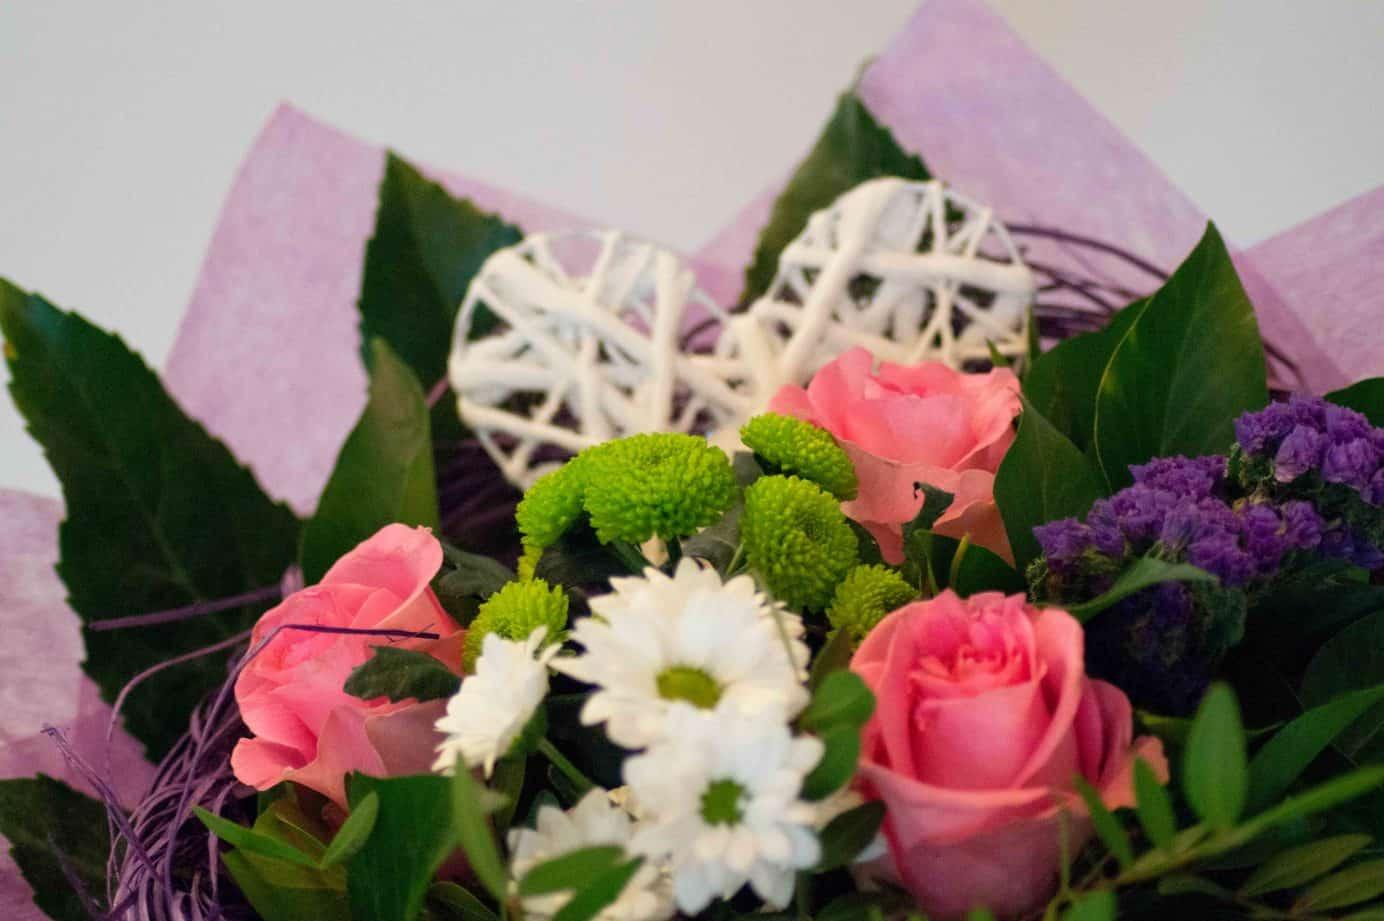 Blumenstrauß mit rosa Rosen und Herz